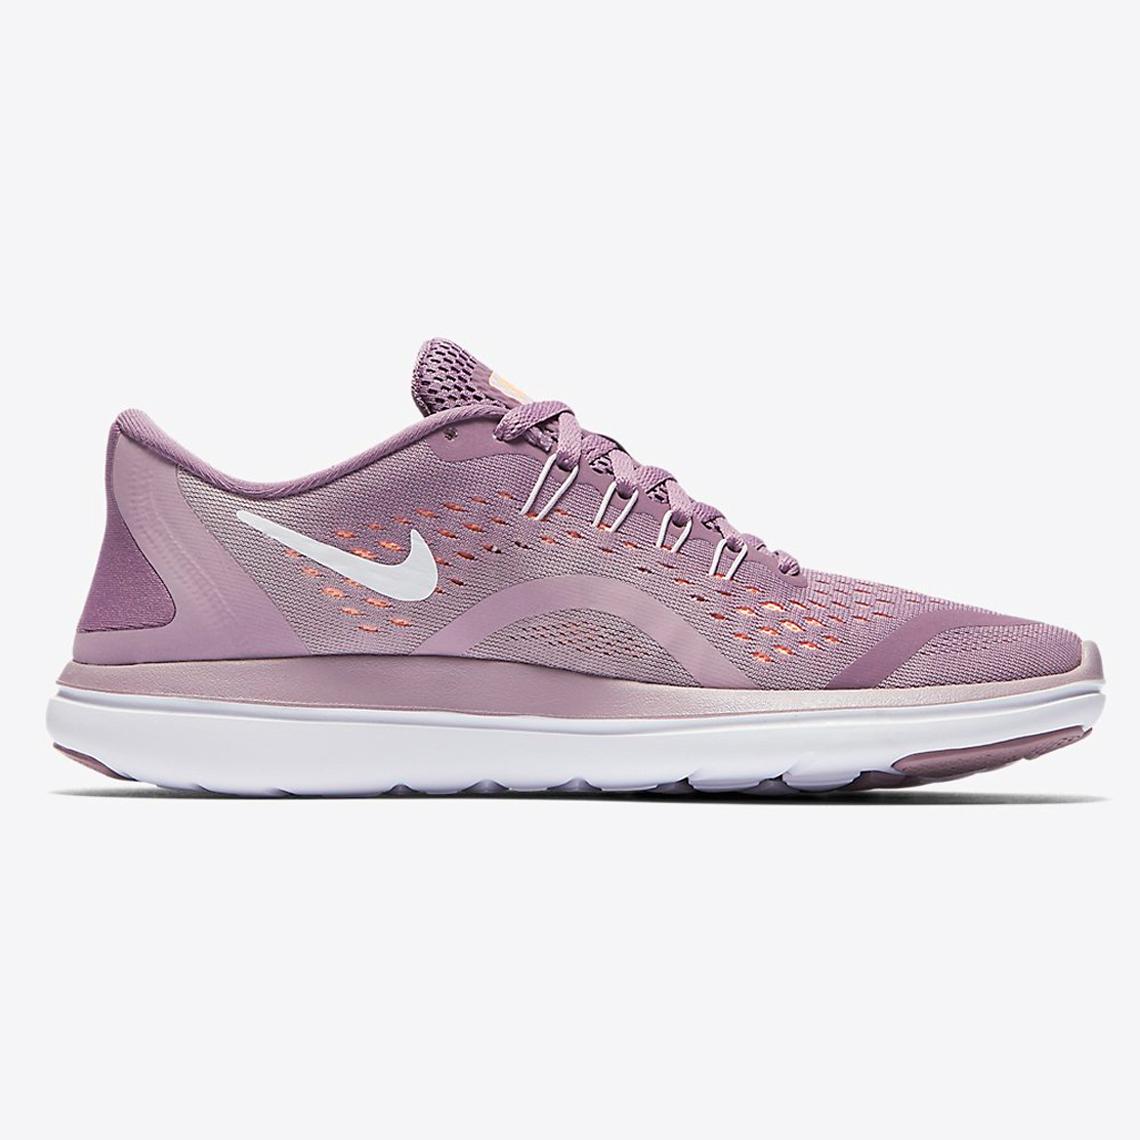 9acff63e640 Nike Flex 2017 RN Women s Running Shoe